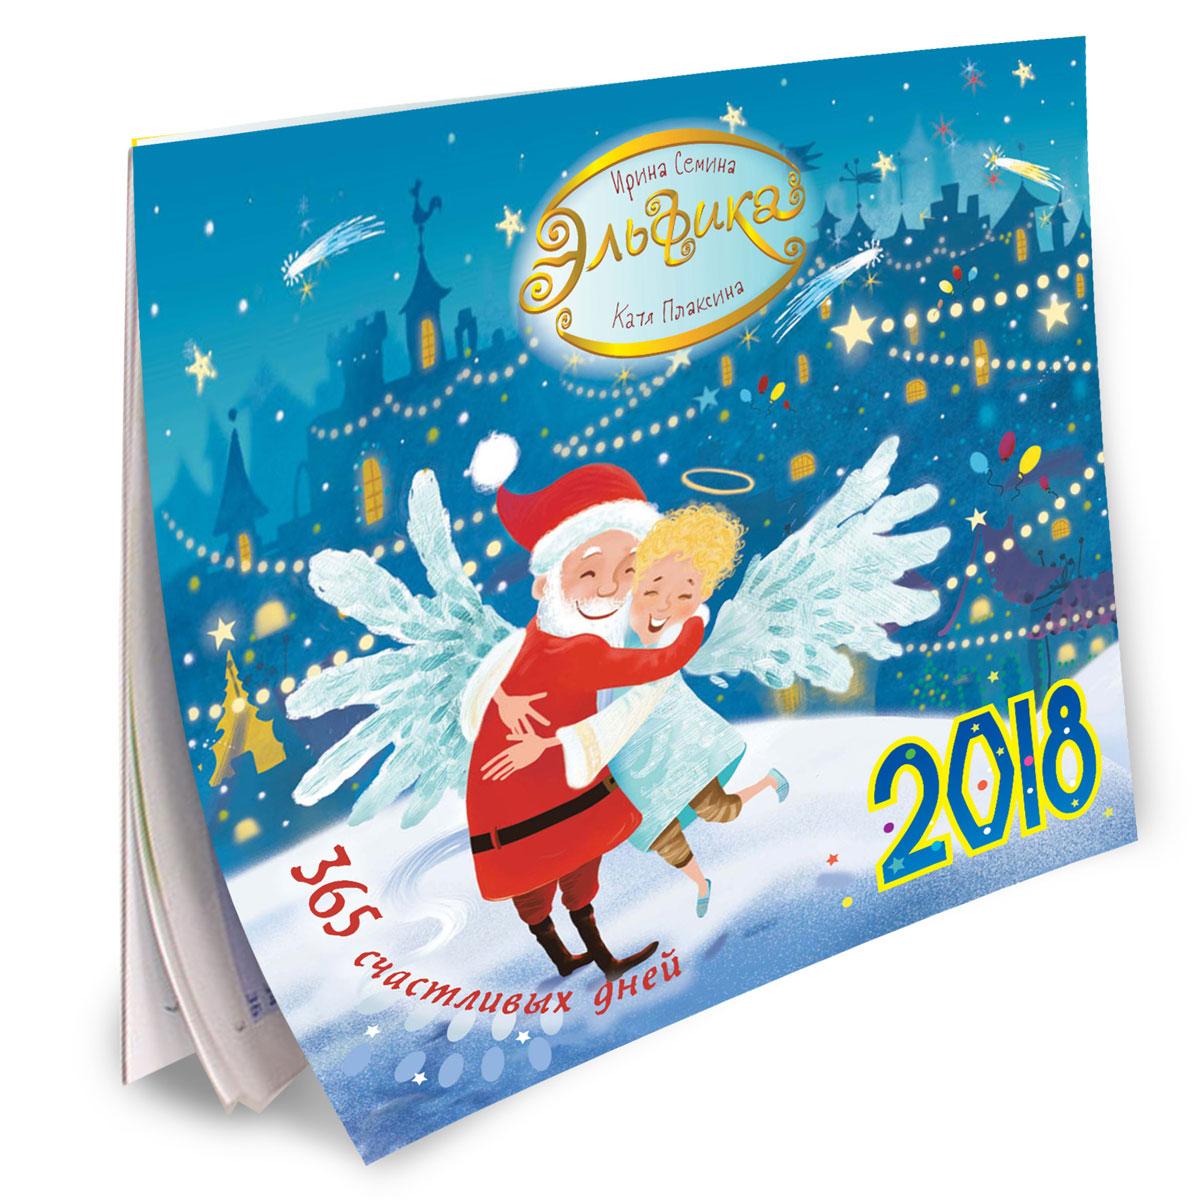 Календарь 2018 (на скрепке). 365 счастливых дней. Ирина Семина, Катя Плаксина